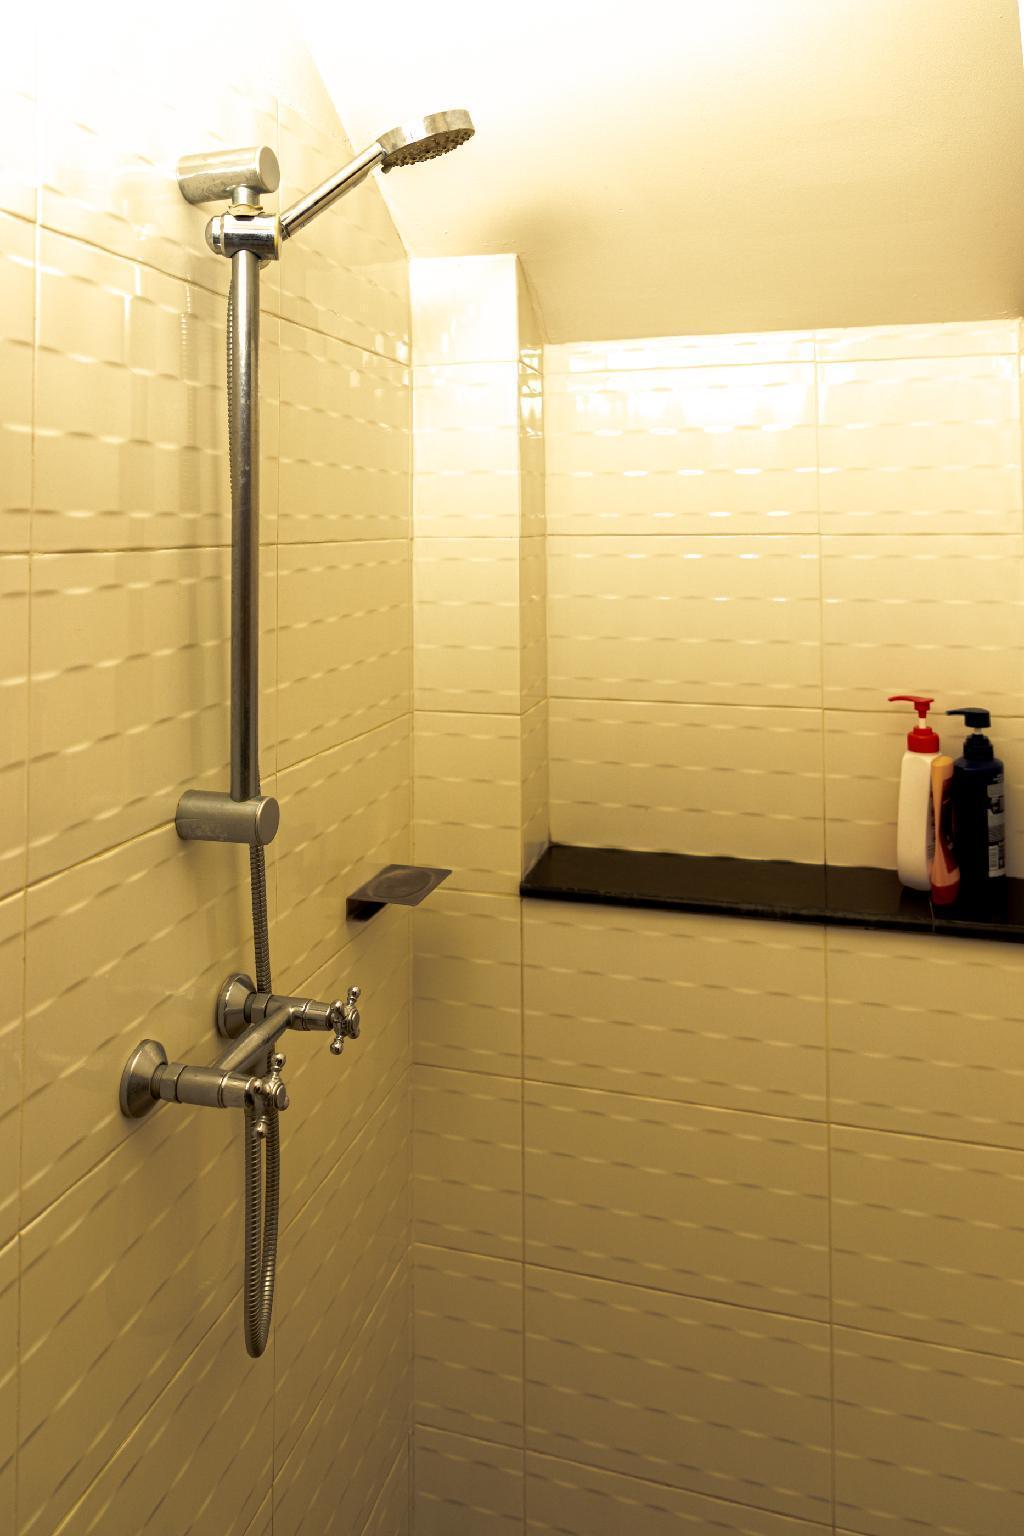 Baan Pumichai house บ้านเดี่ยว 1 ห้องนอน 2 ห้องน้ำส่วนตัว ขนาด 80 ตร.ม. – ทับสะแก